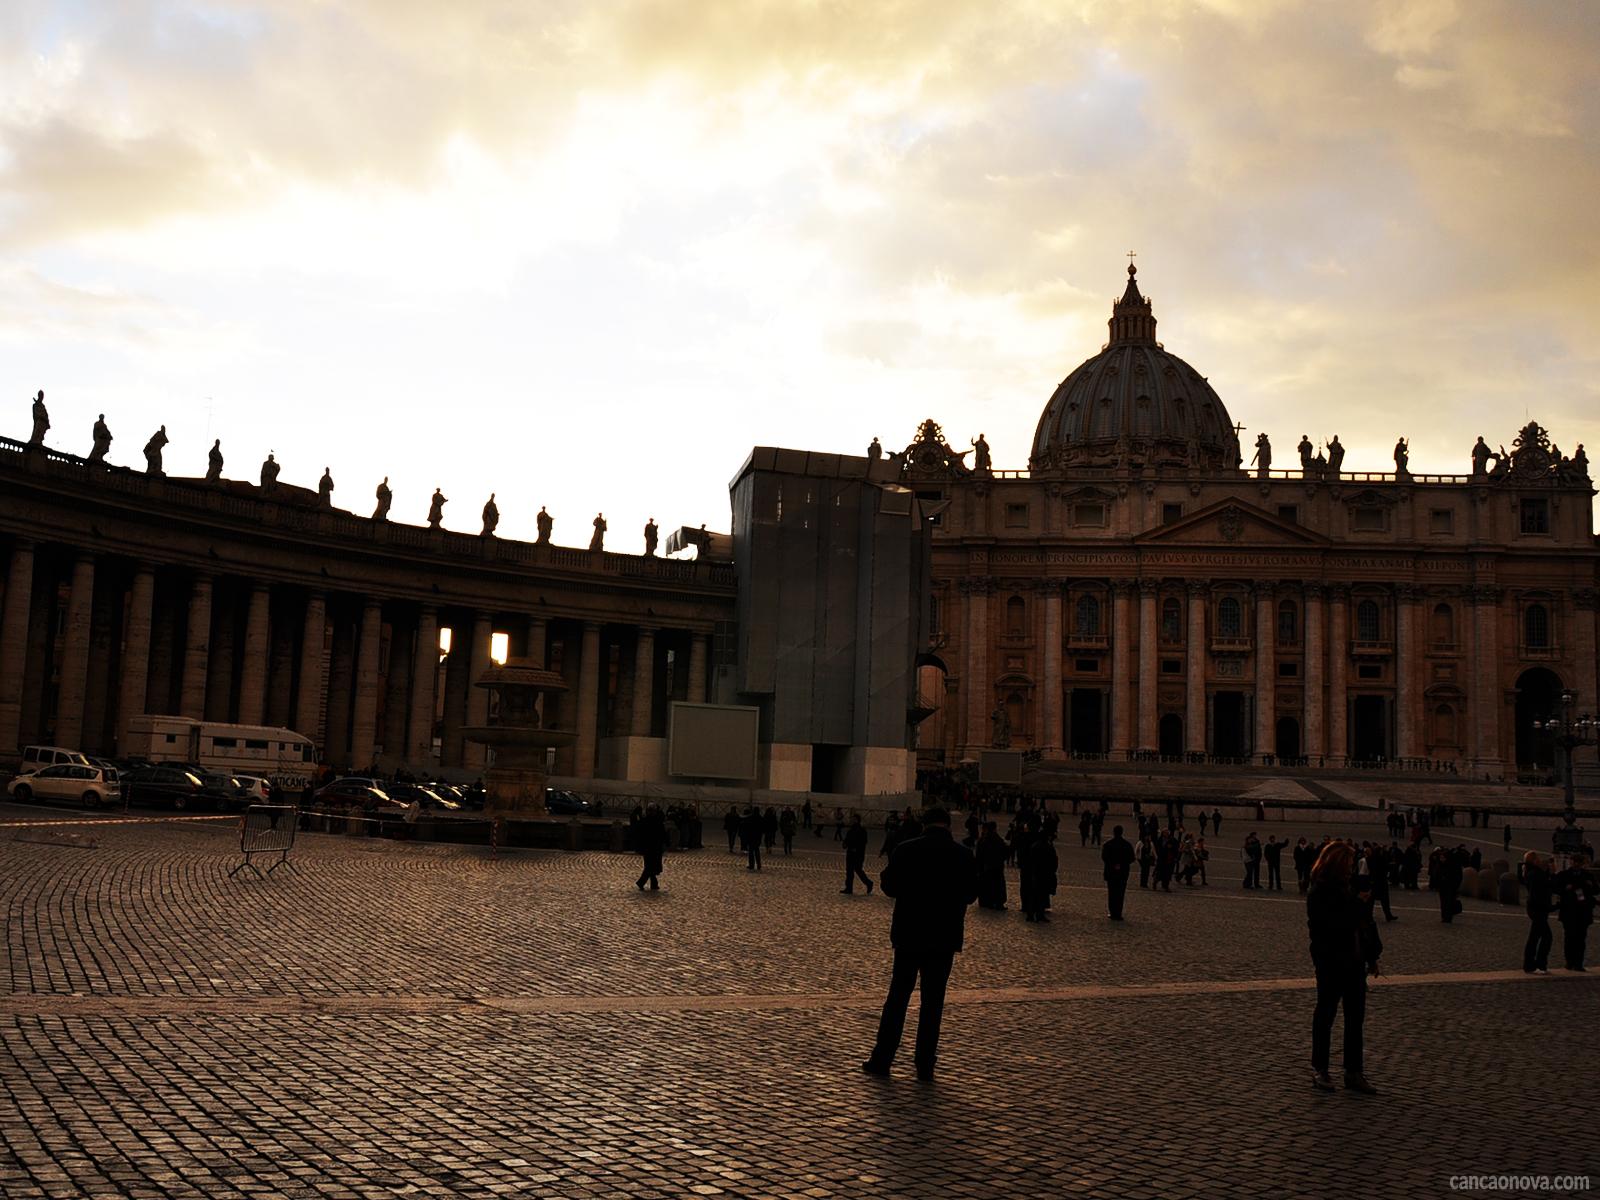 Reflita-sobre-uma-Igreja-Una,-Santa,-Católica-e-Apostólica